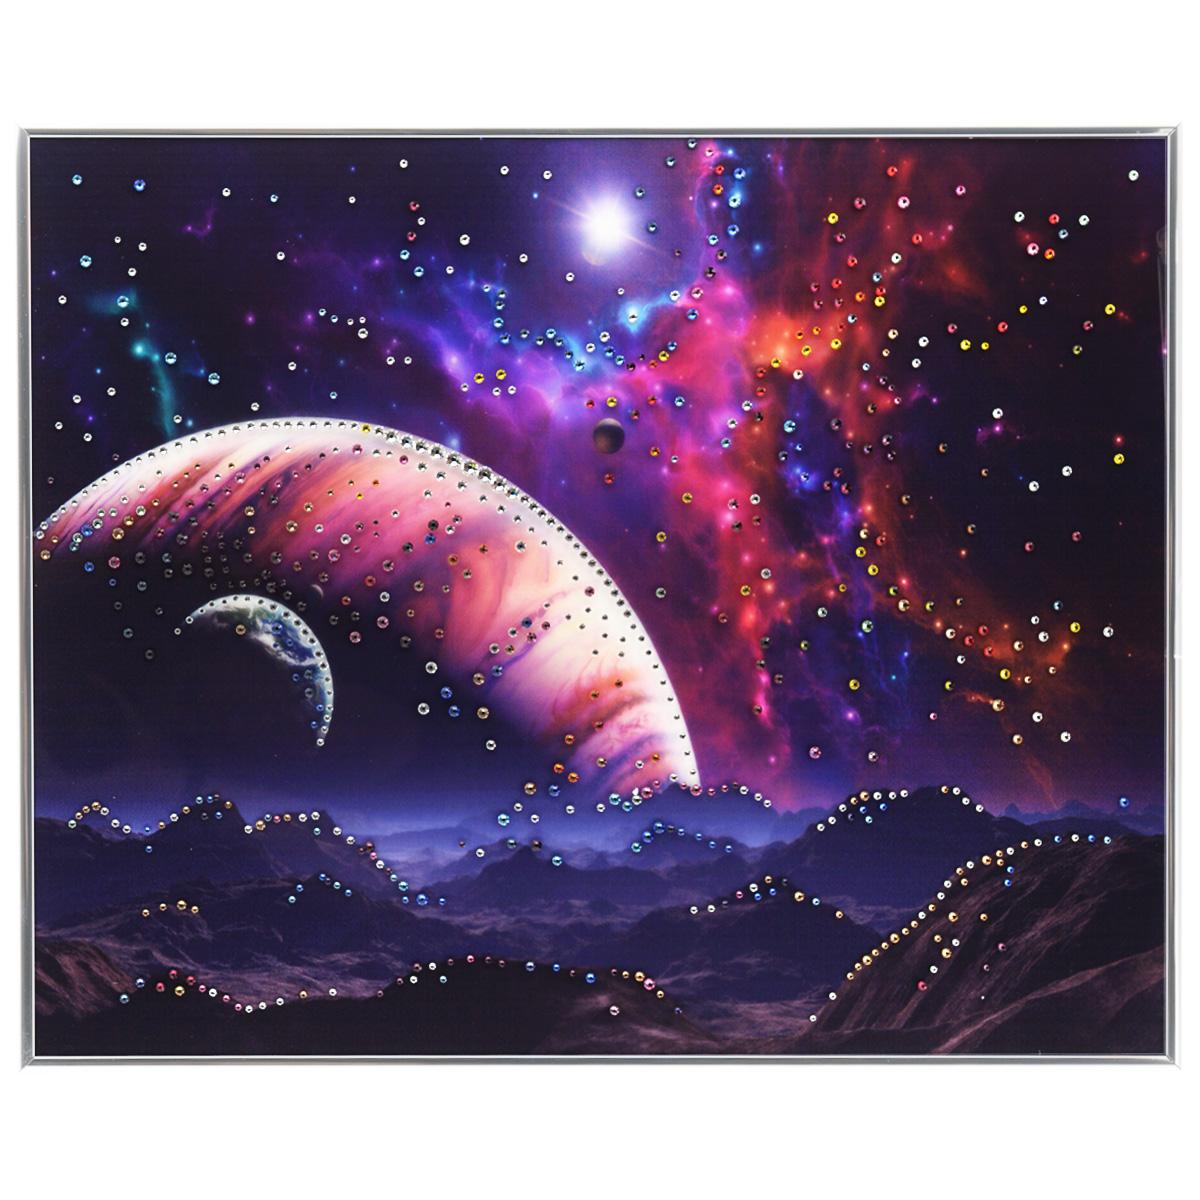 Картина с кристаллами Swarovski Рождение звезды, 50 х 40 см1260Изящная картина в металлической раме, инкрустирована кристаллами Swarovski, которые отличаются четкой и ровной огранкой, ярким блеском и чистотой цвета. Красочное изображение космоса, расположенное под стеклом, прекрасно дополняет блеск кристаллов. С обратной стороны имеется металлическая петелька для размещения картины на стене. Картина с кристаллами Swarovski Рождение звезды элегантно украсит интерьер дома или офиса, а также станет прекрасным подарком, который обязательно понравится получателю. Блеск кристаллов в интерьере, что может быть сказочнее и удивительнее. Картина упакована в подарочную картонную коробку синего цвета и комплектуется сертификатом соответствия Swarovski.